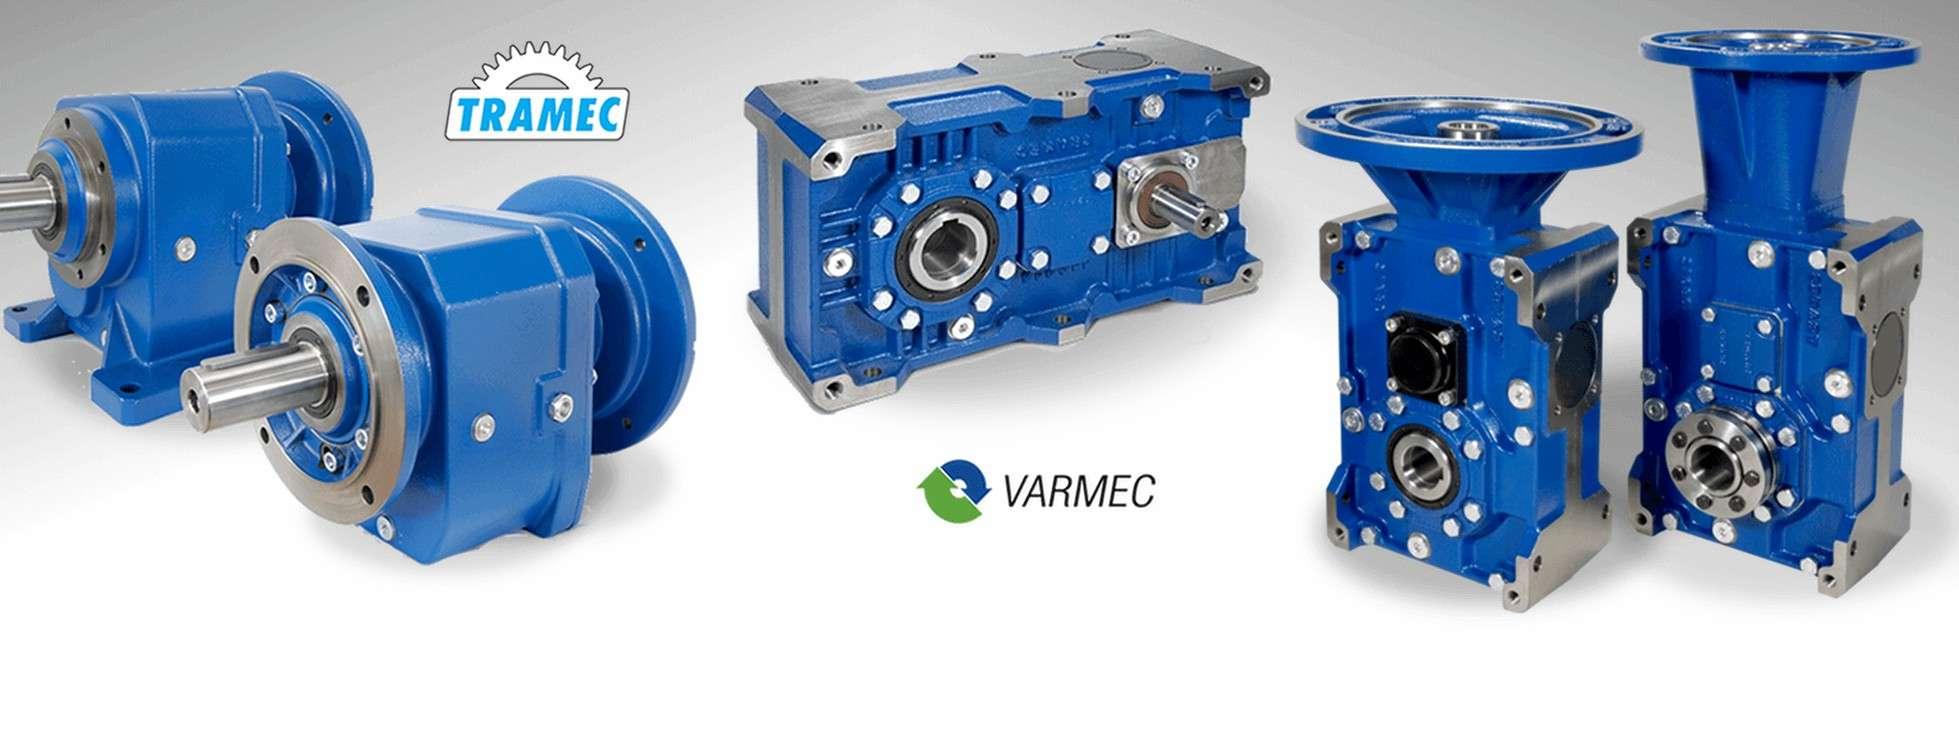 Elektro prevodovky Tramec & Varmec